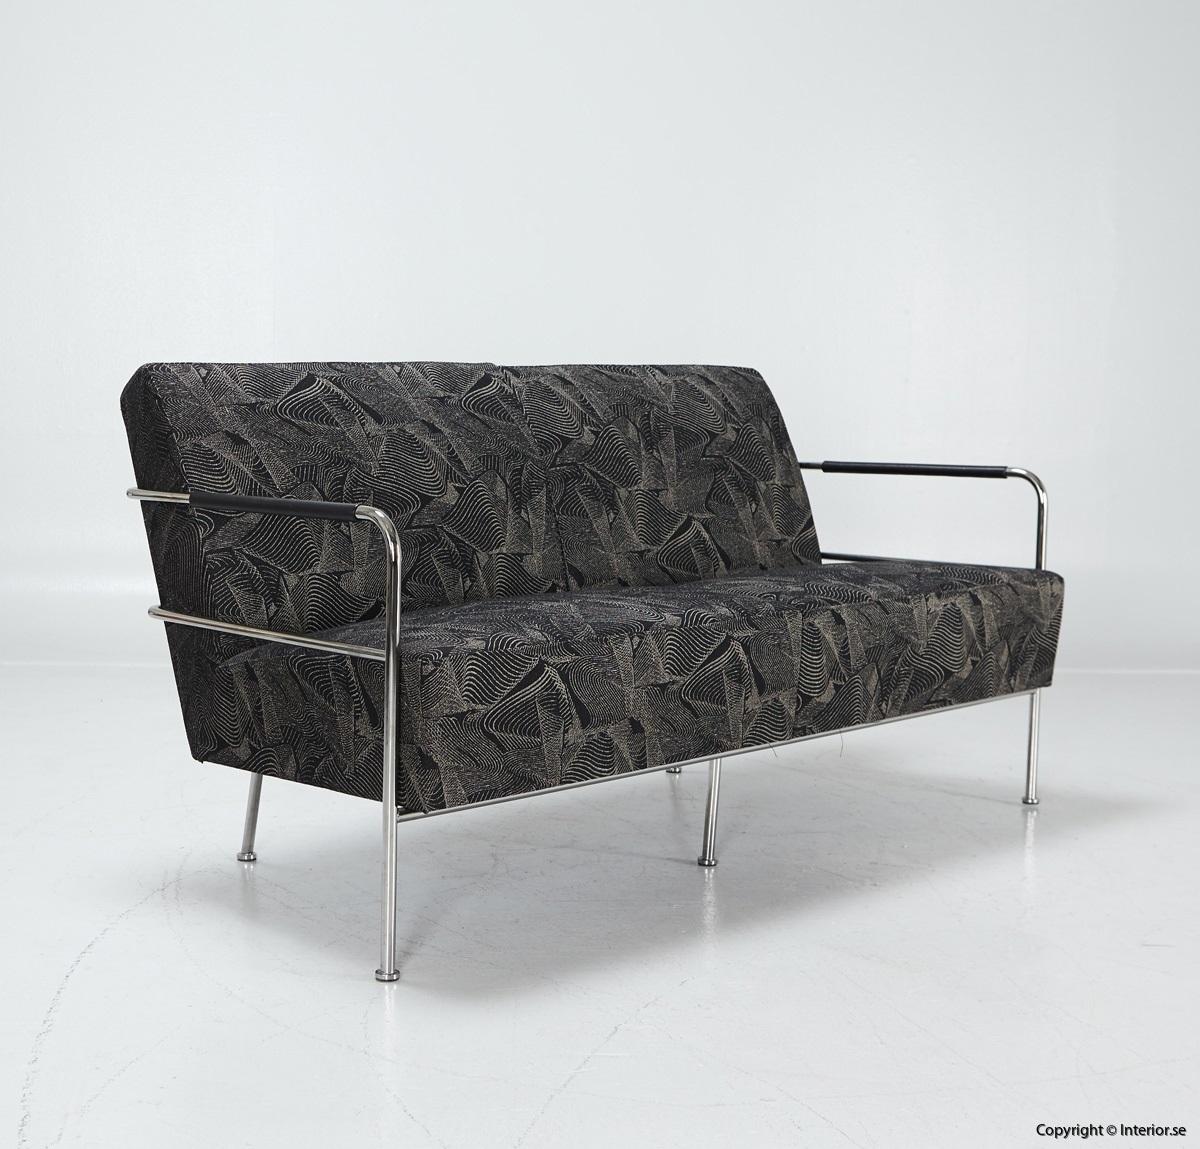 1 Lammhults Cinema Gunilla Allard soffa begagnade designmöbler kontorsmöbler